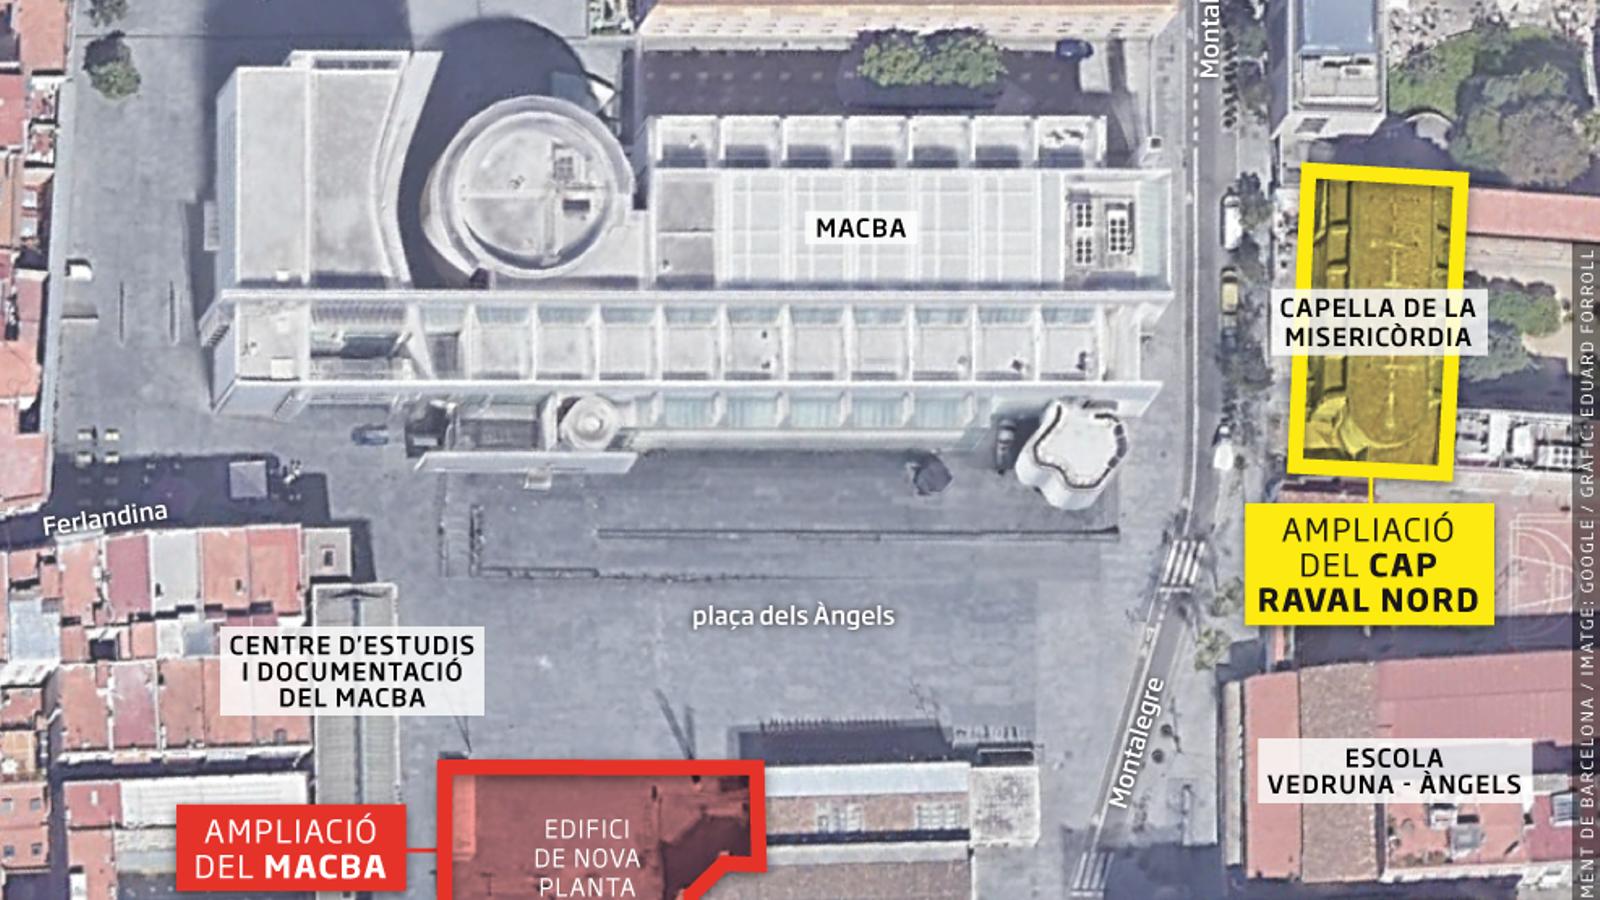 El Macba creixerà en un edifici nou a la plaça dels Àngels